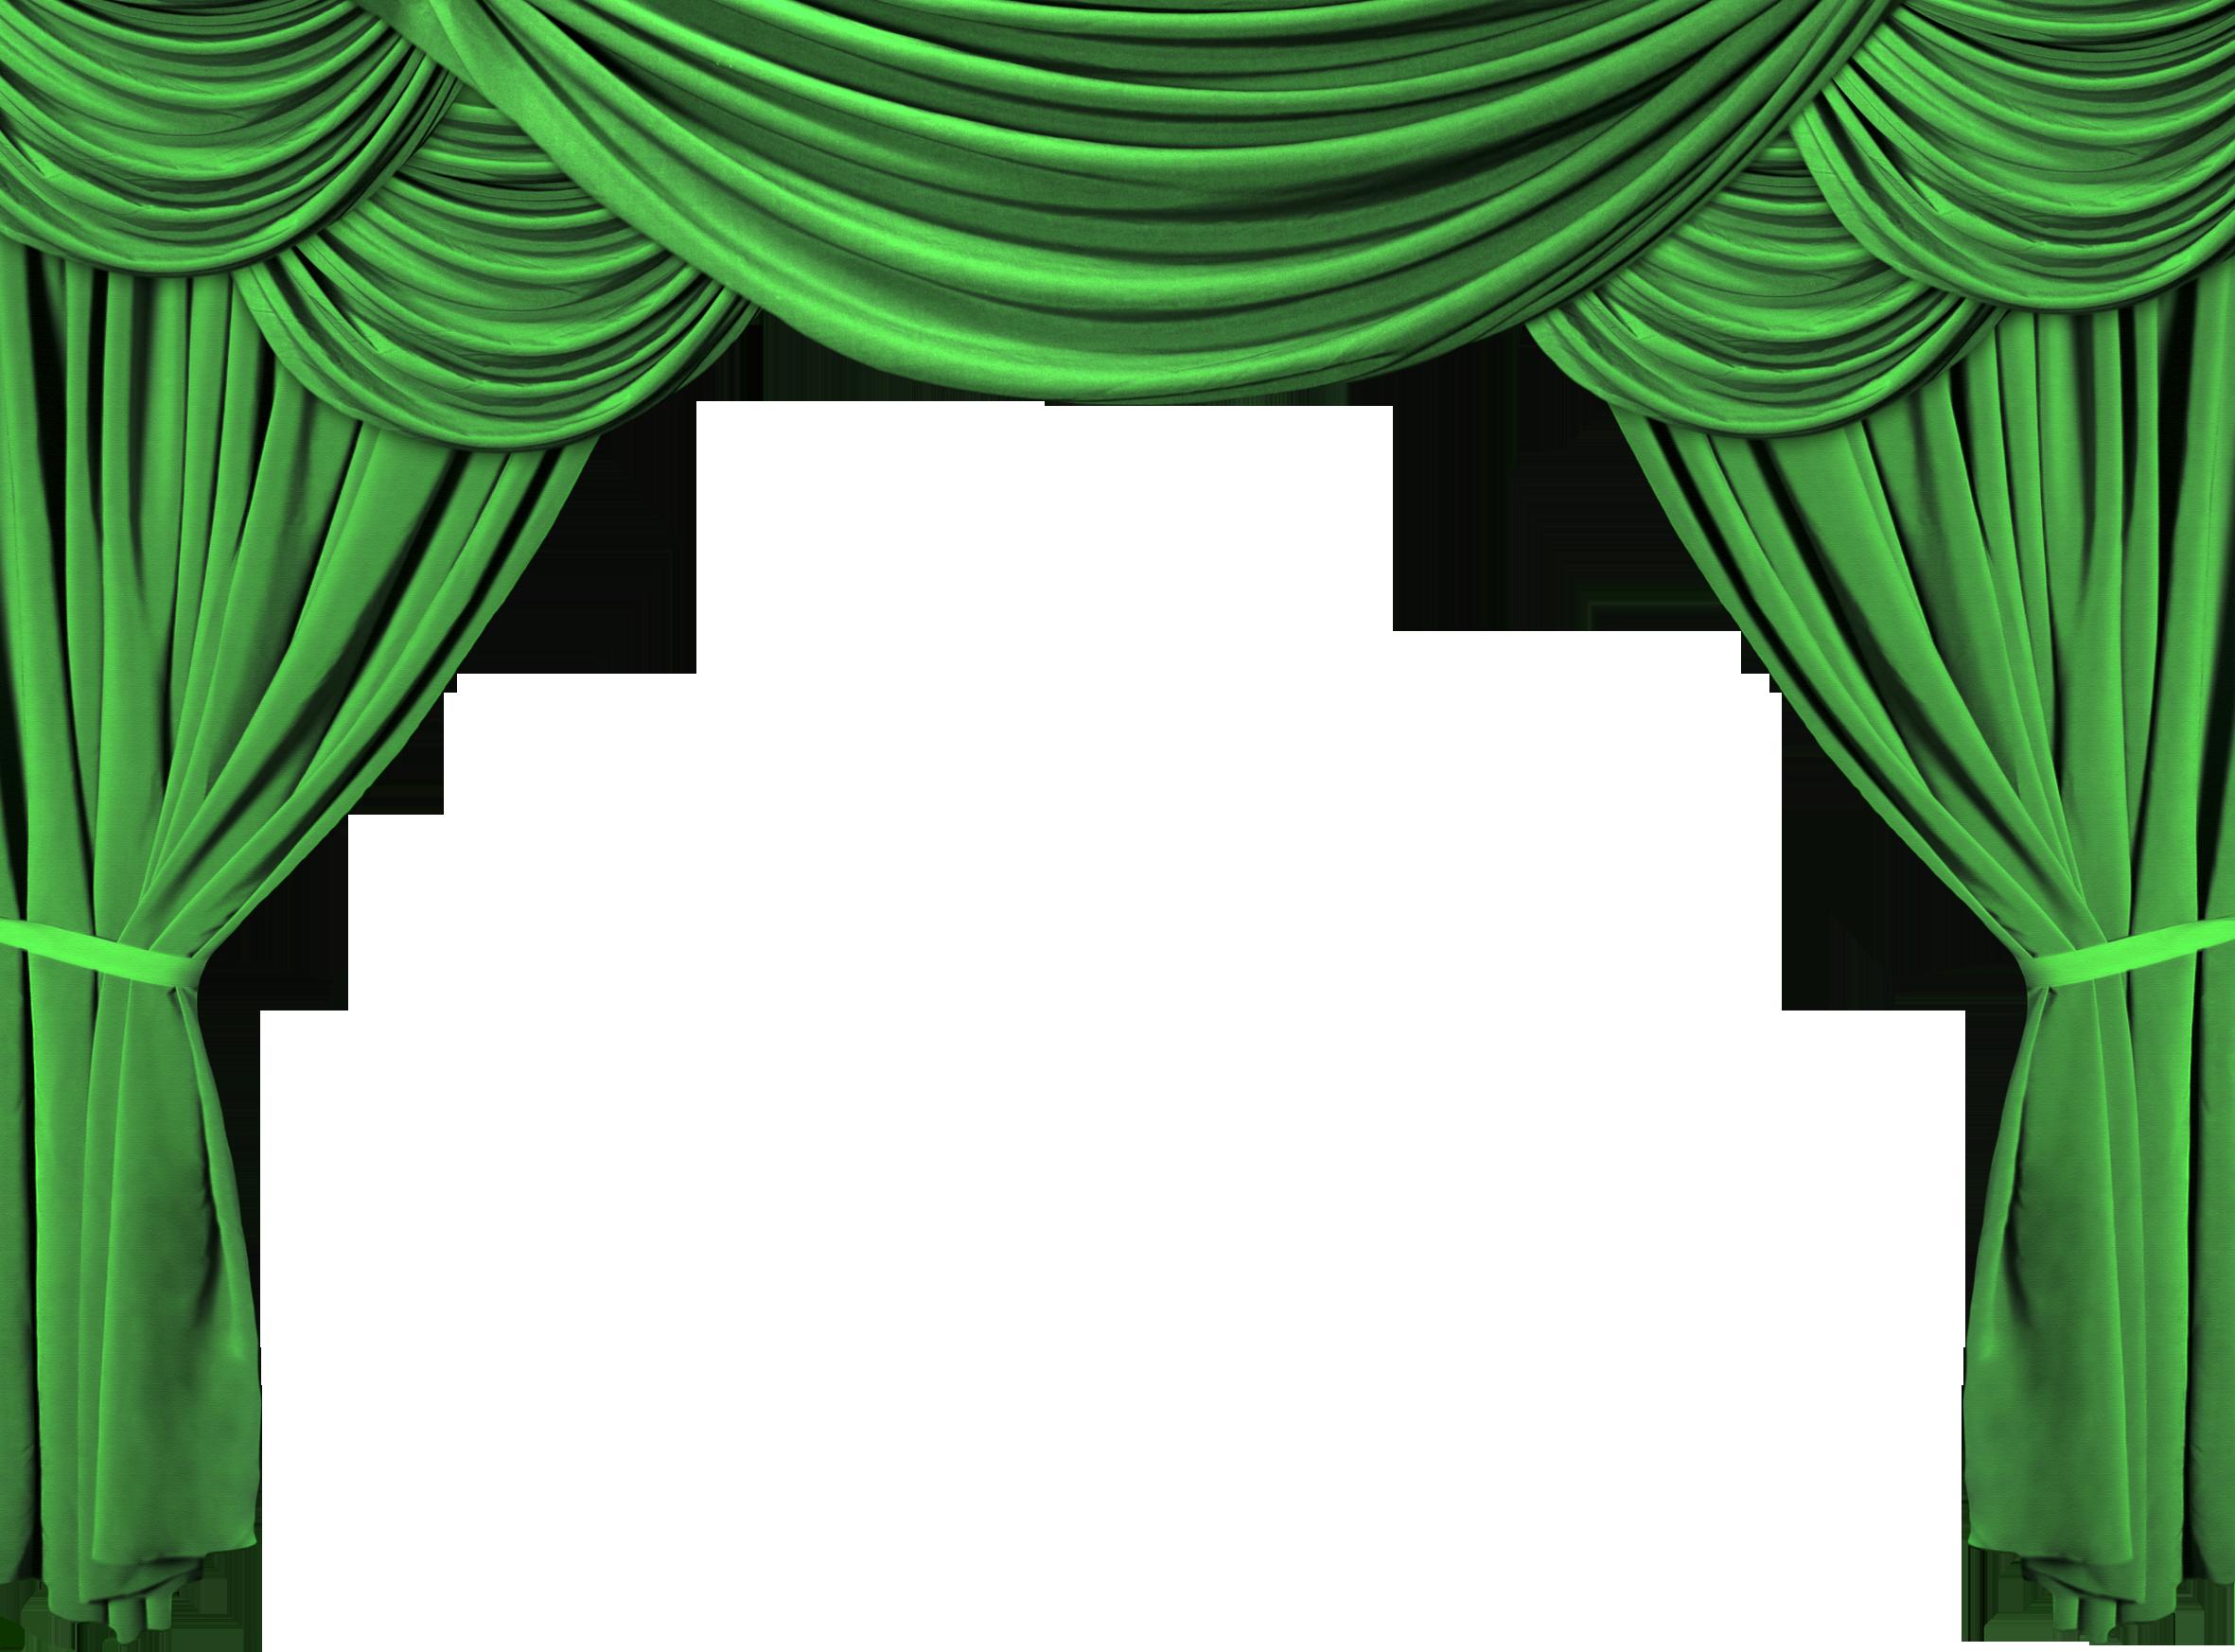 Красивые шторы в psd. - Шьем сами - Каталог статей - Шторы ...